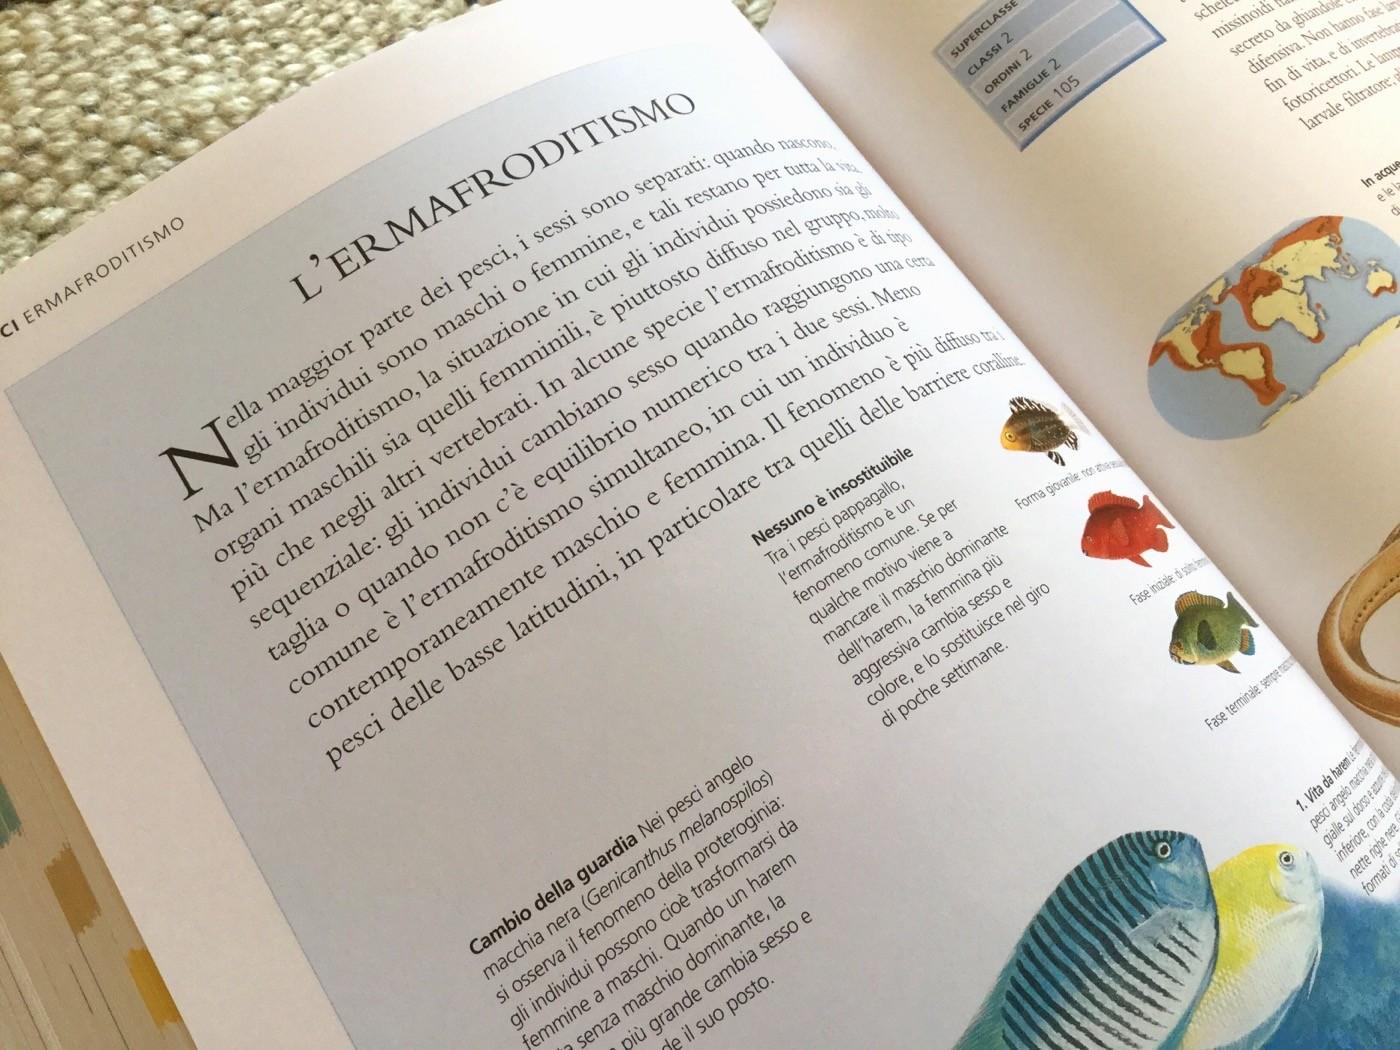 NUOVA ENCICLOPEDIA DEGLI ANIMALI - Touring Club Editore